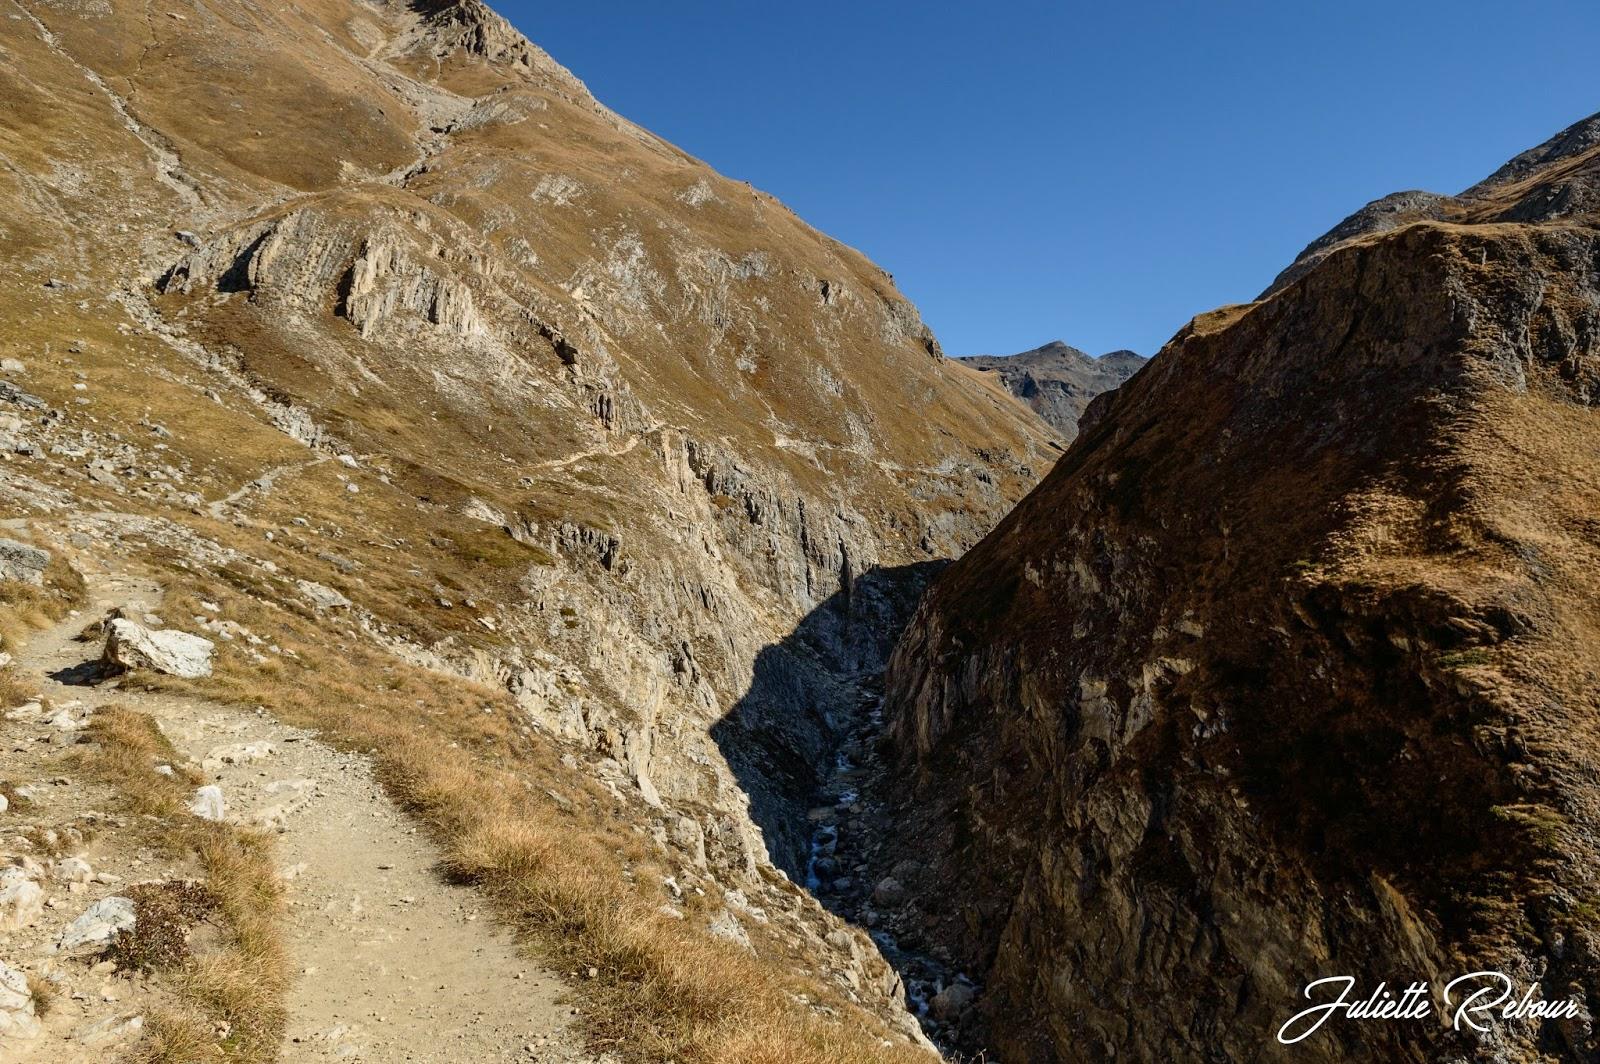 Gorges de Malpasset, Parc National de la Vanoise